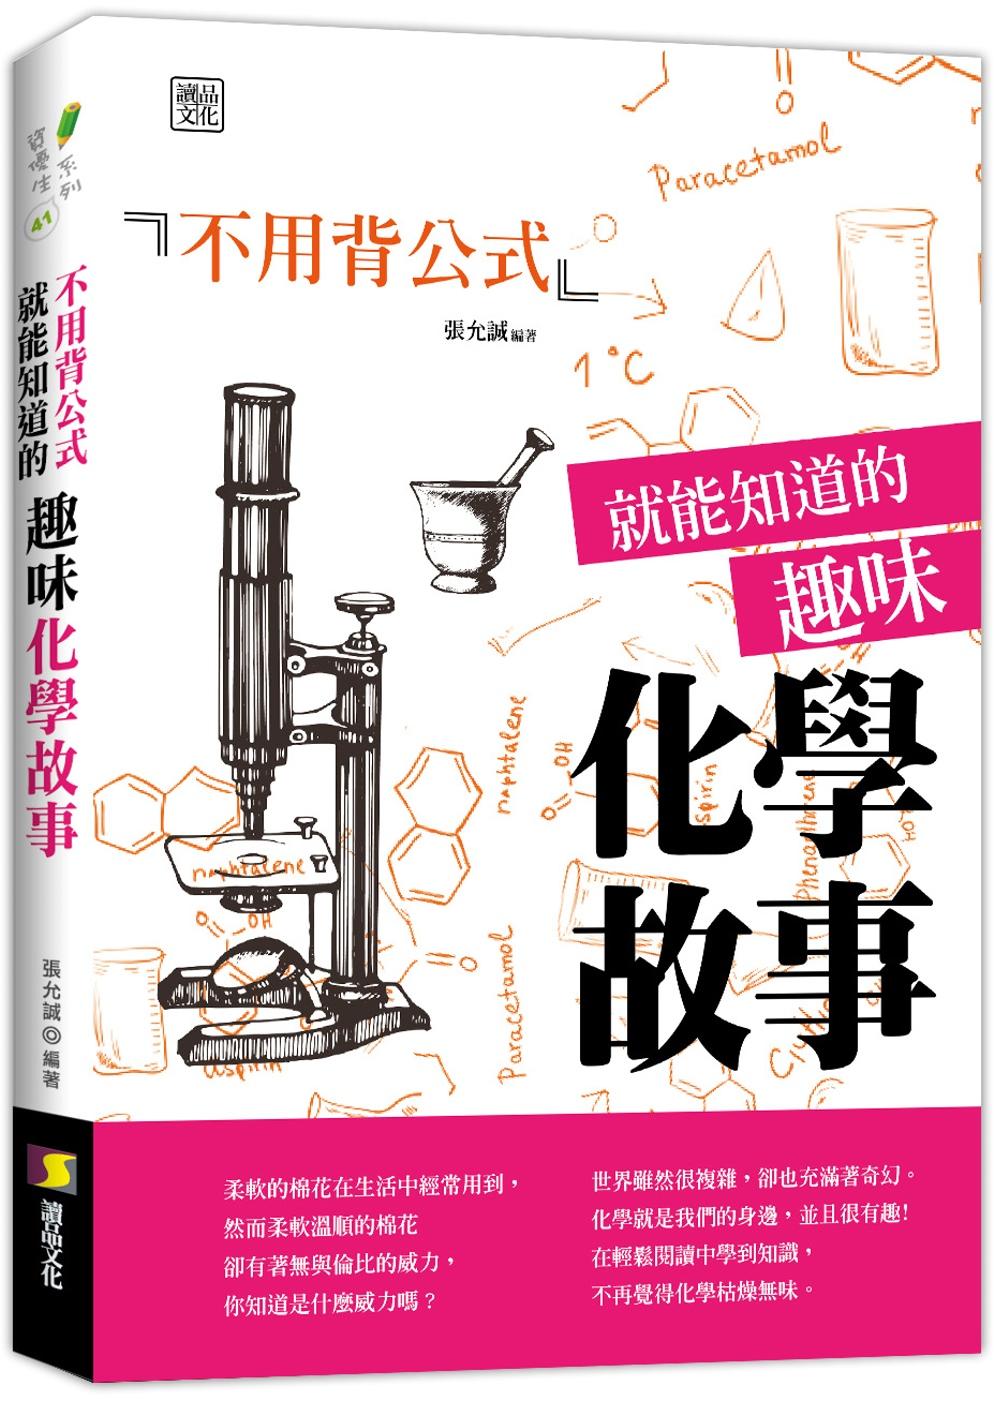 不用背公式就能知道的趣味化學故事